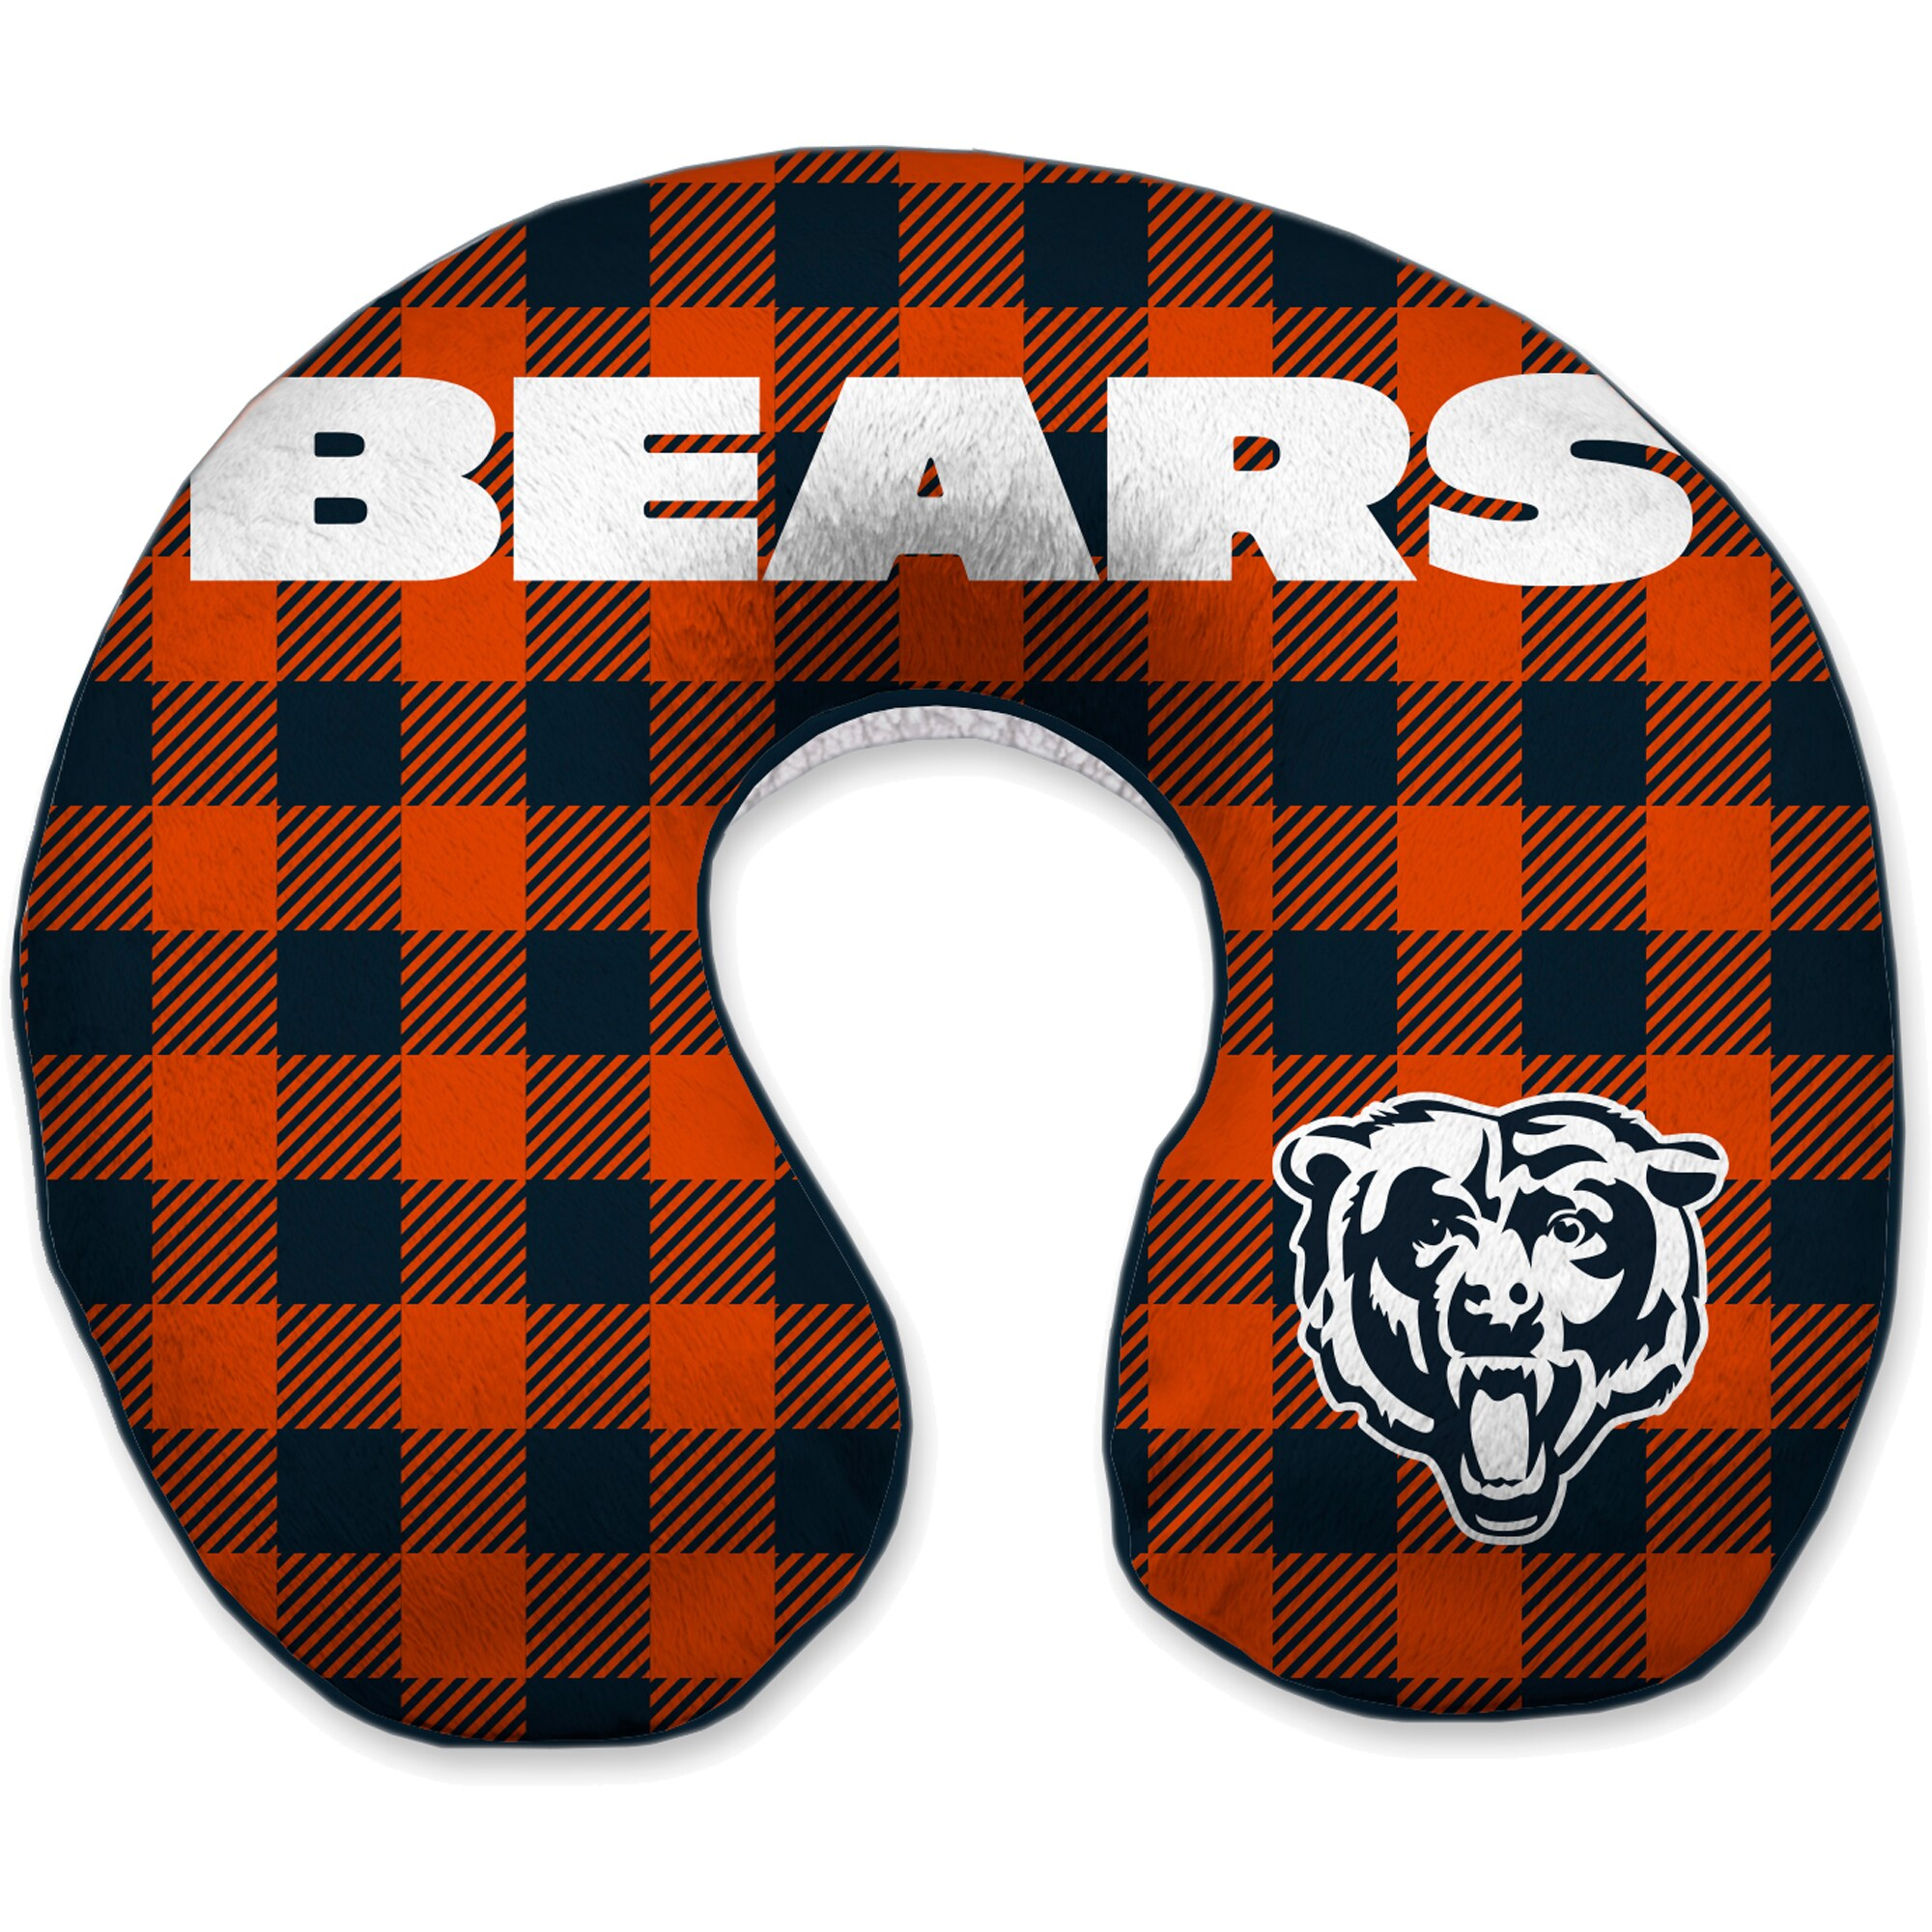 Chicago Bears Buffalo Check Sherpa Memory Foam Travel Pillow - Blue